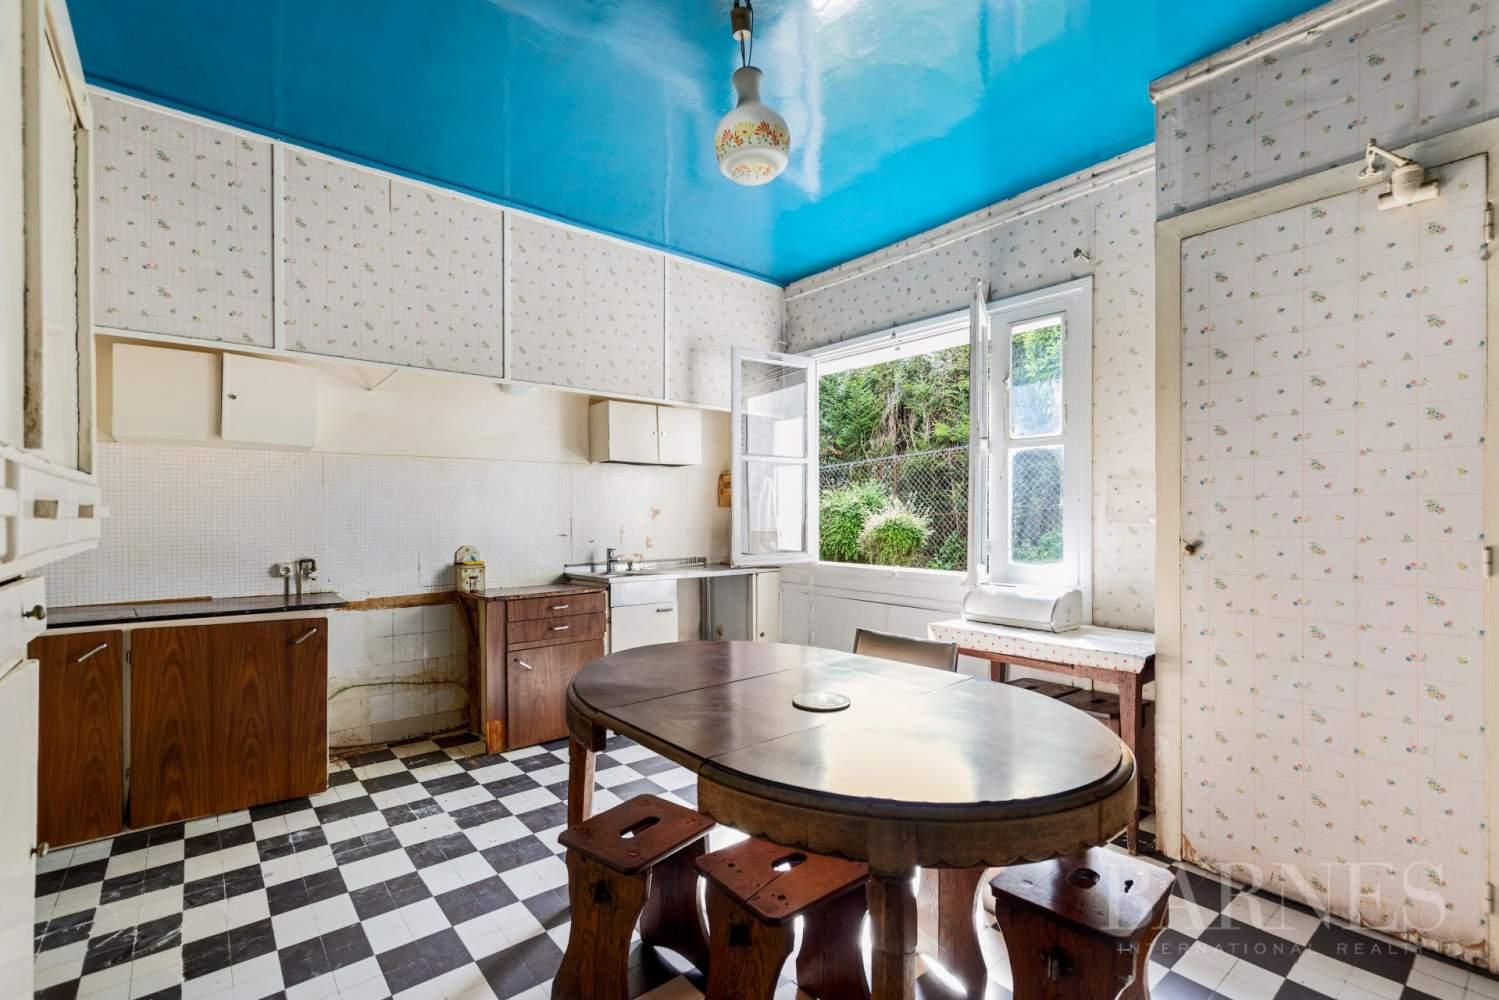 Saint-Cloud Montretout, maison 1930 de 286 m² habitables sur terrain sud 792 m² picture 10